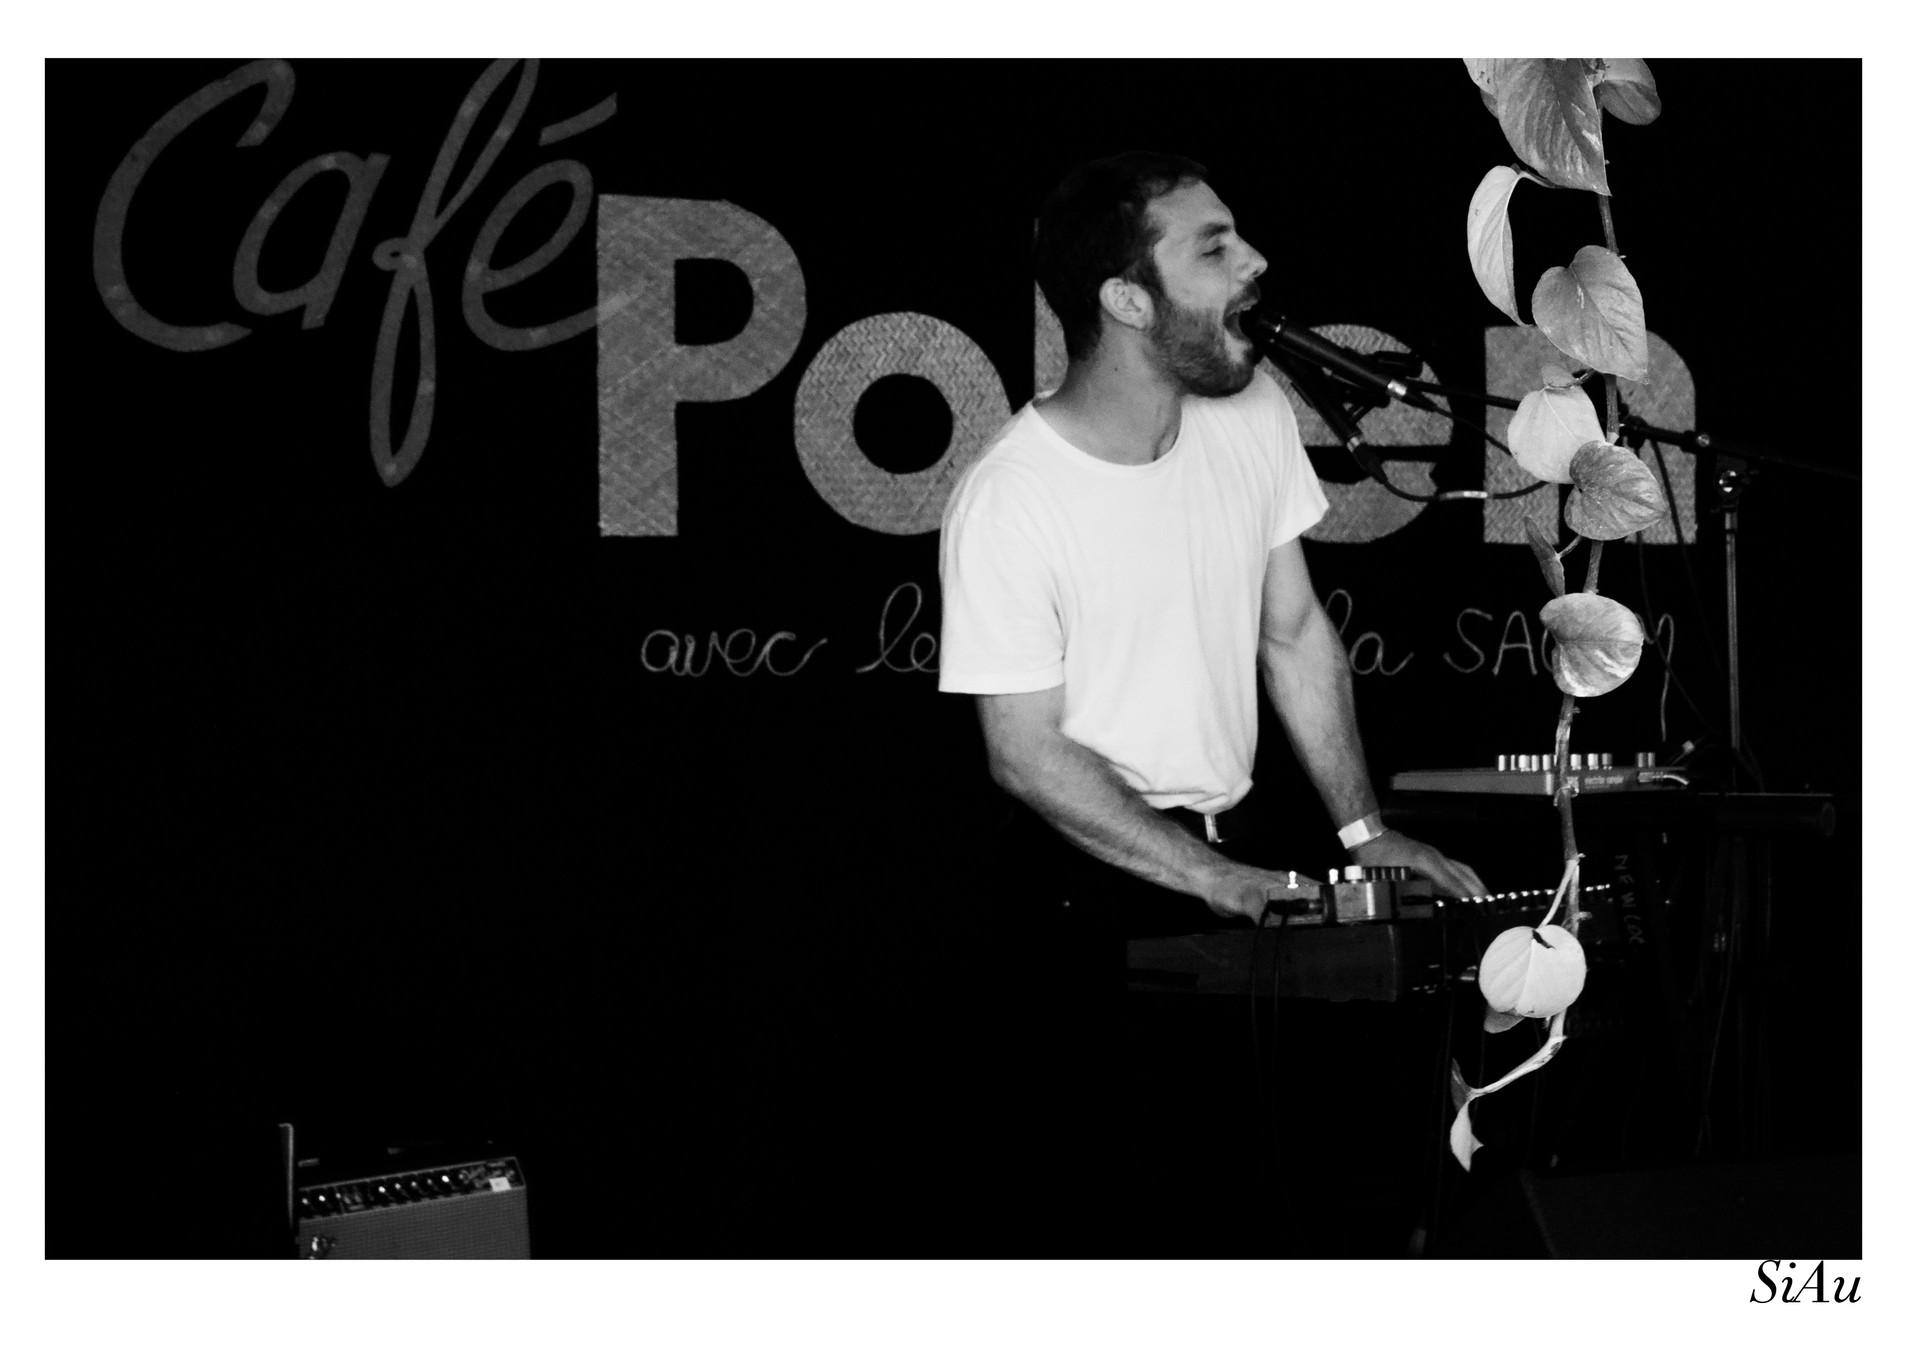 Faces - Des concerts pop33.jpg